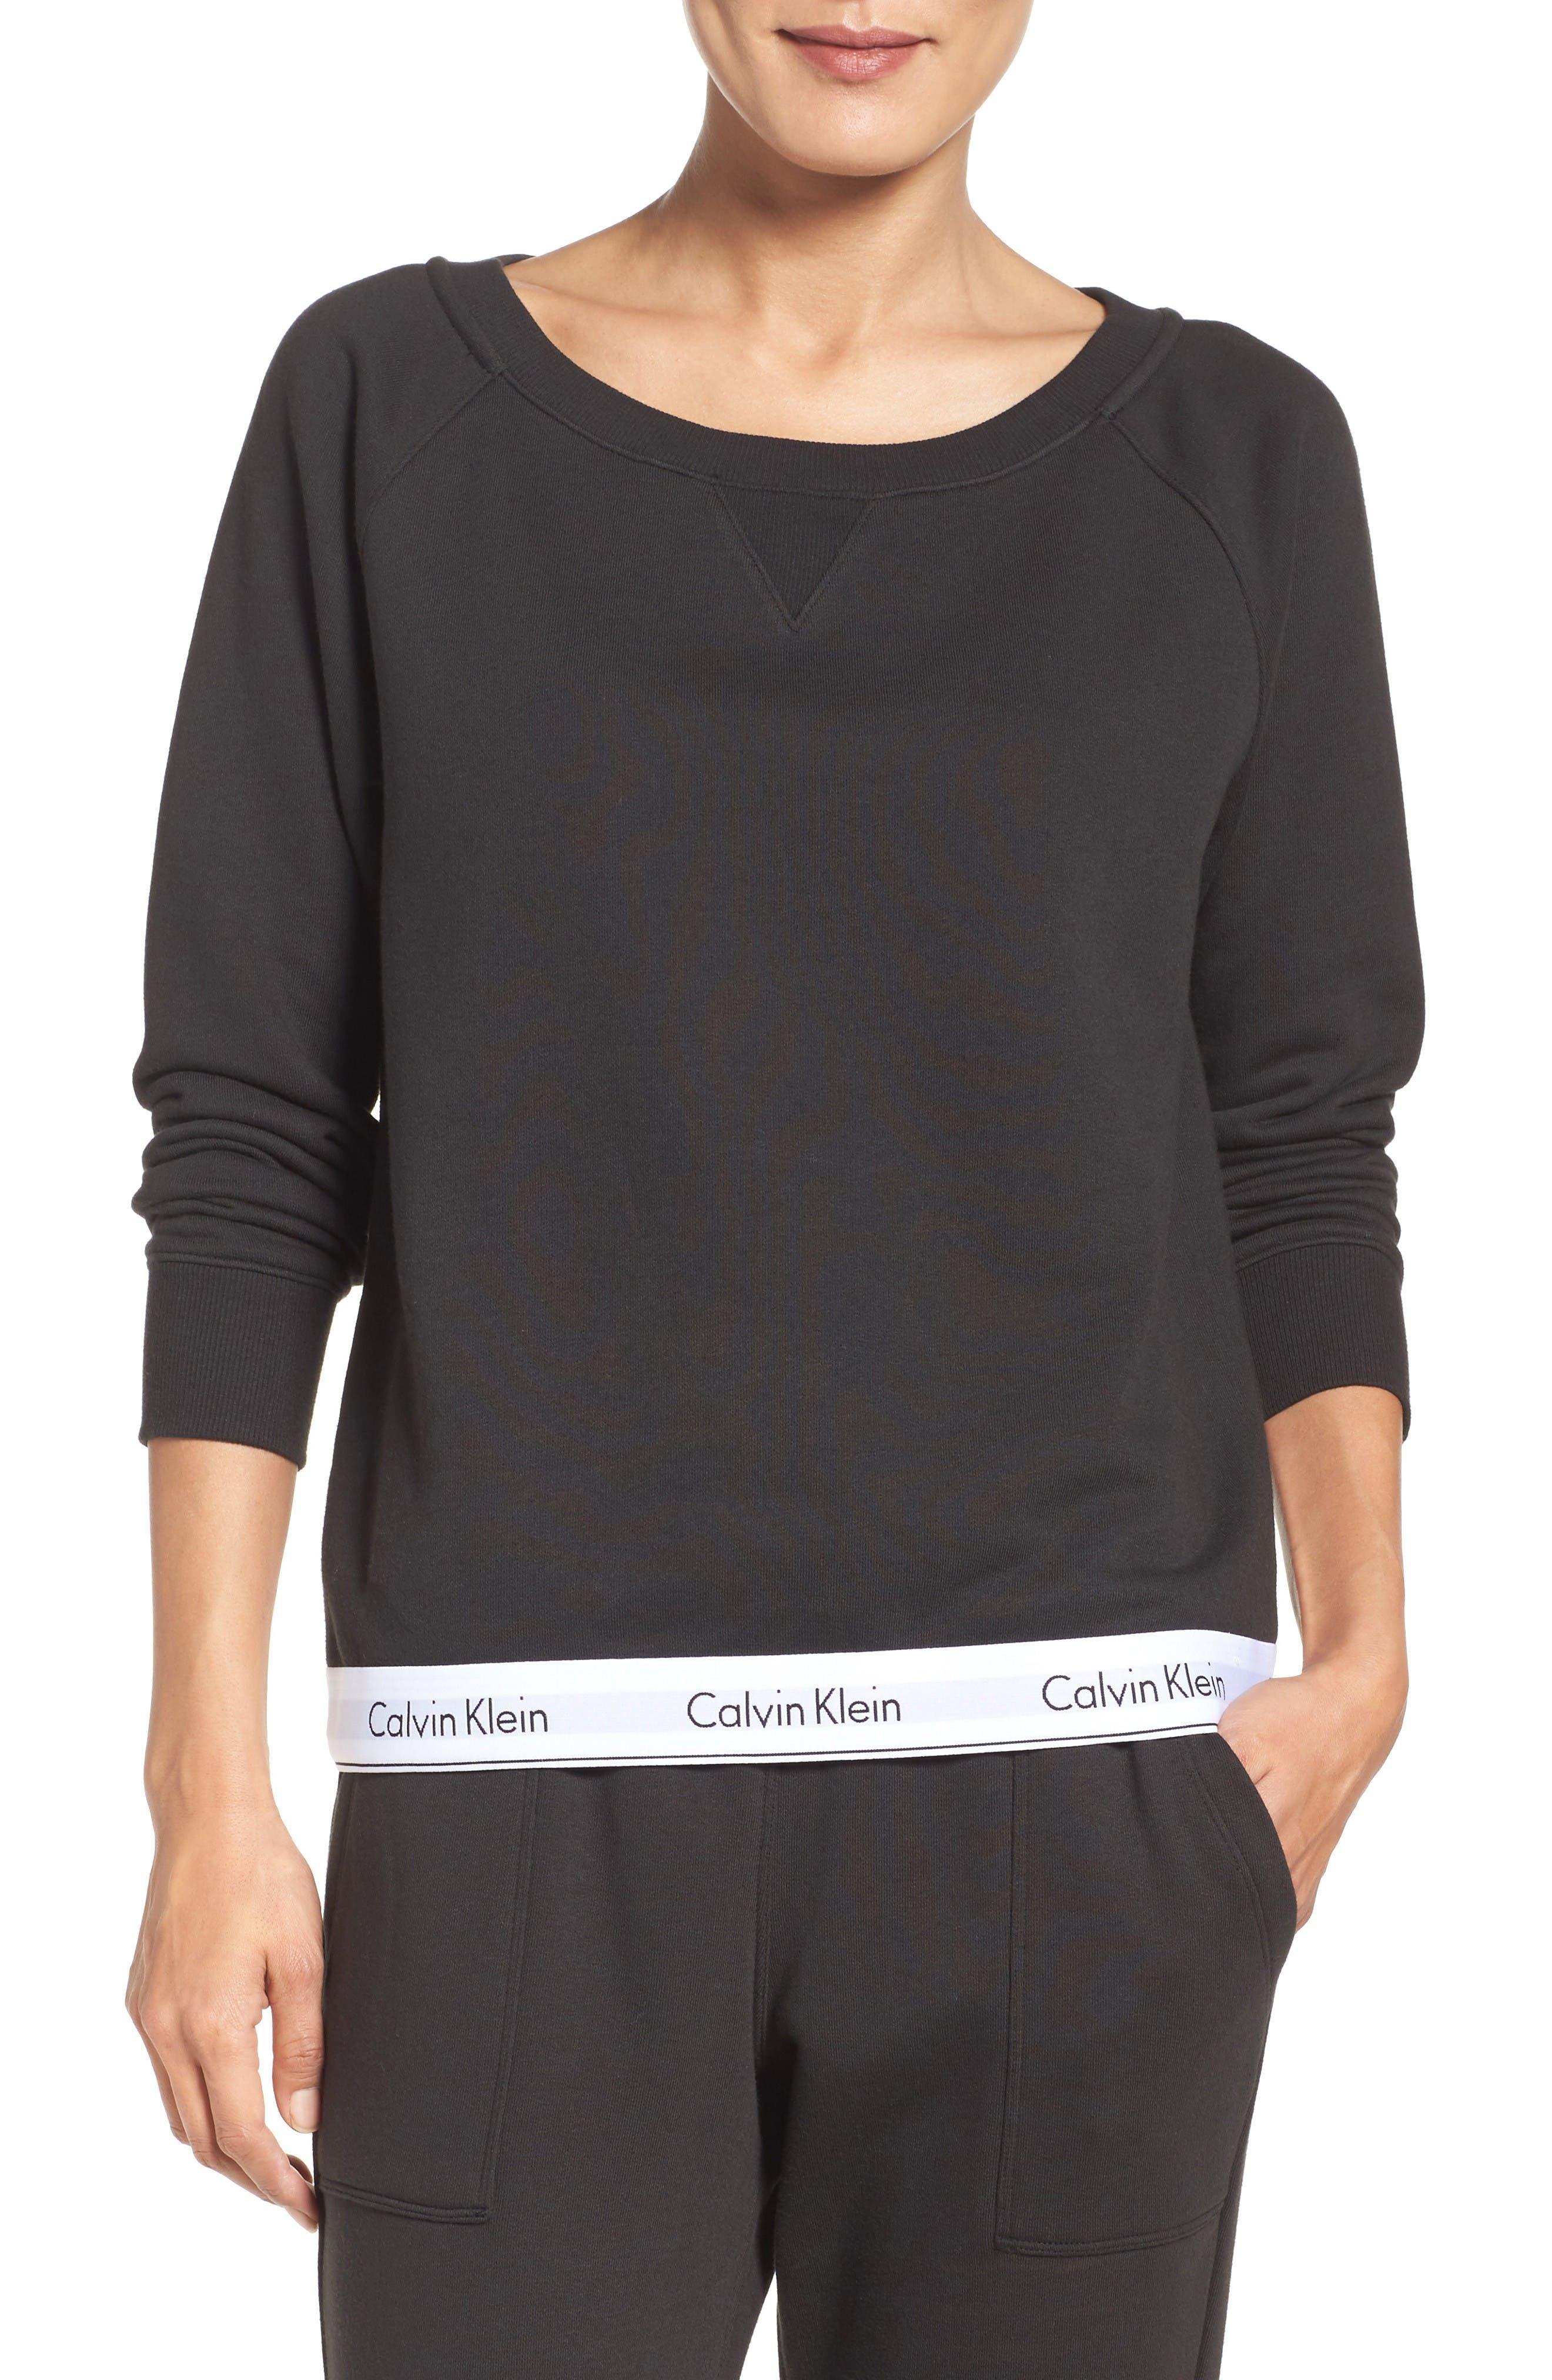 Calvin Klein Lounge Sweatshirt